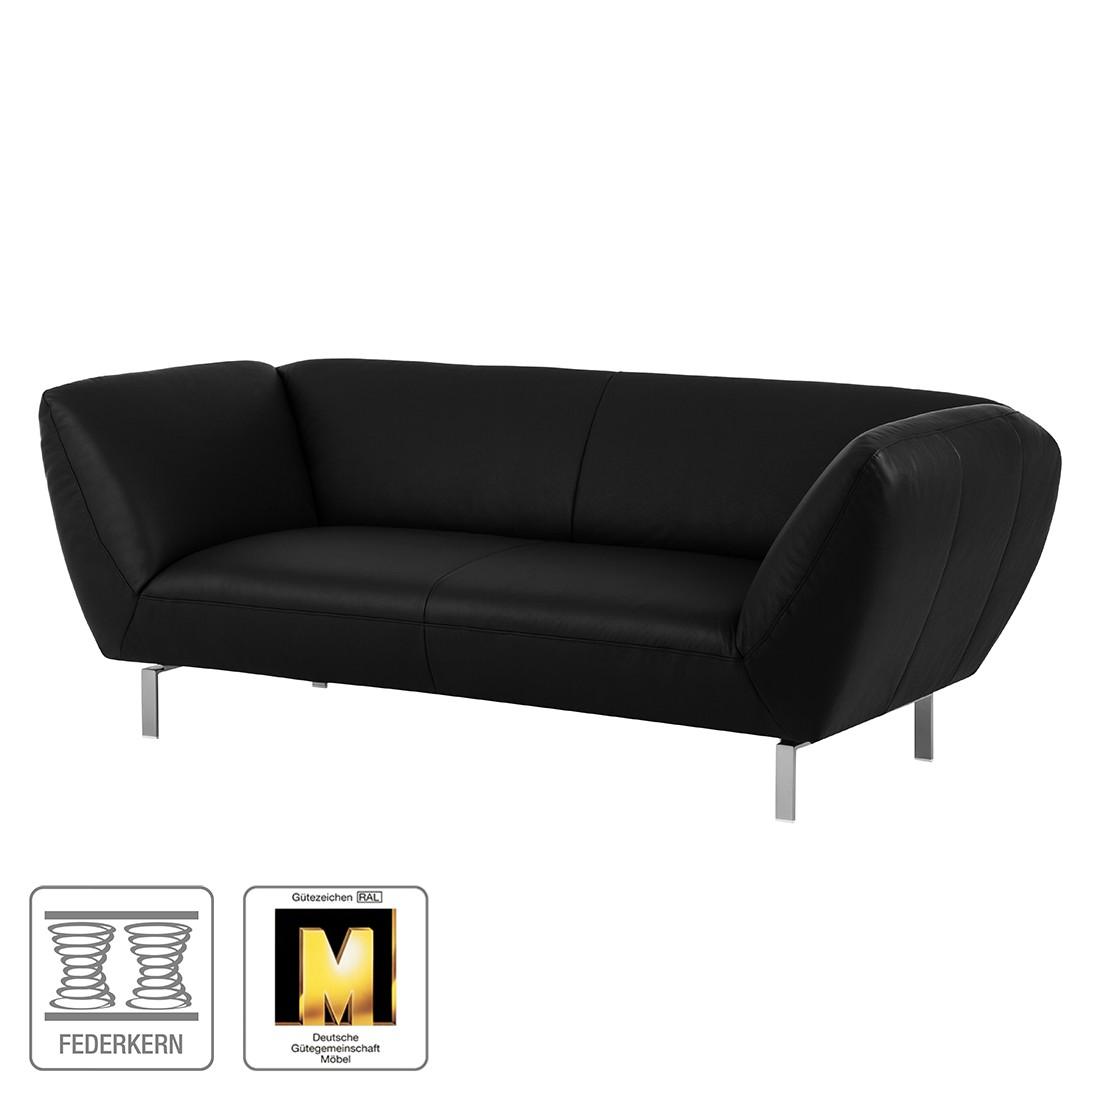 sofa blues 2 sitzer echtleder schwarz 346300 Résultat Supérieur 6 Nouveau Canapé Convertible Rapido Stock 2017 Jdt4